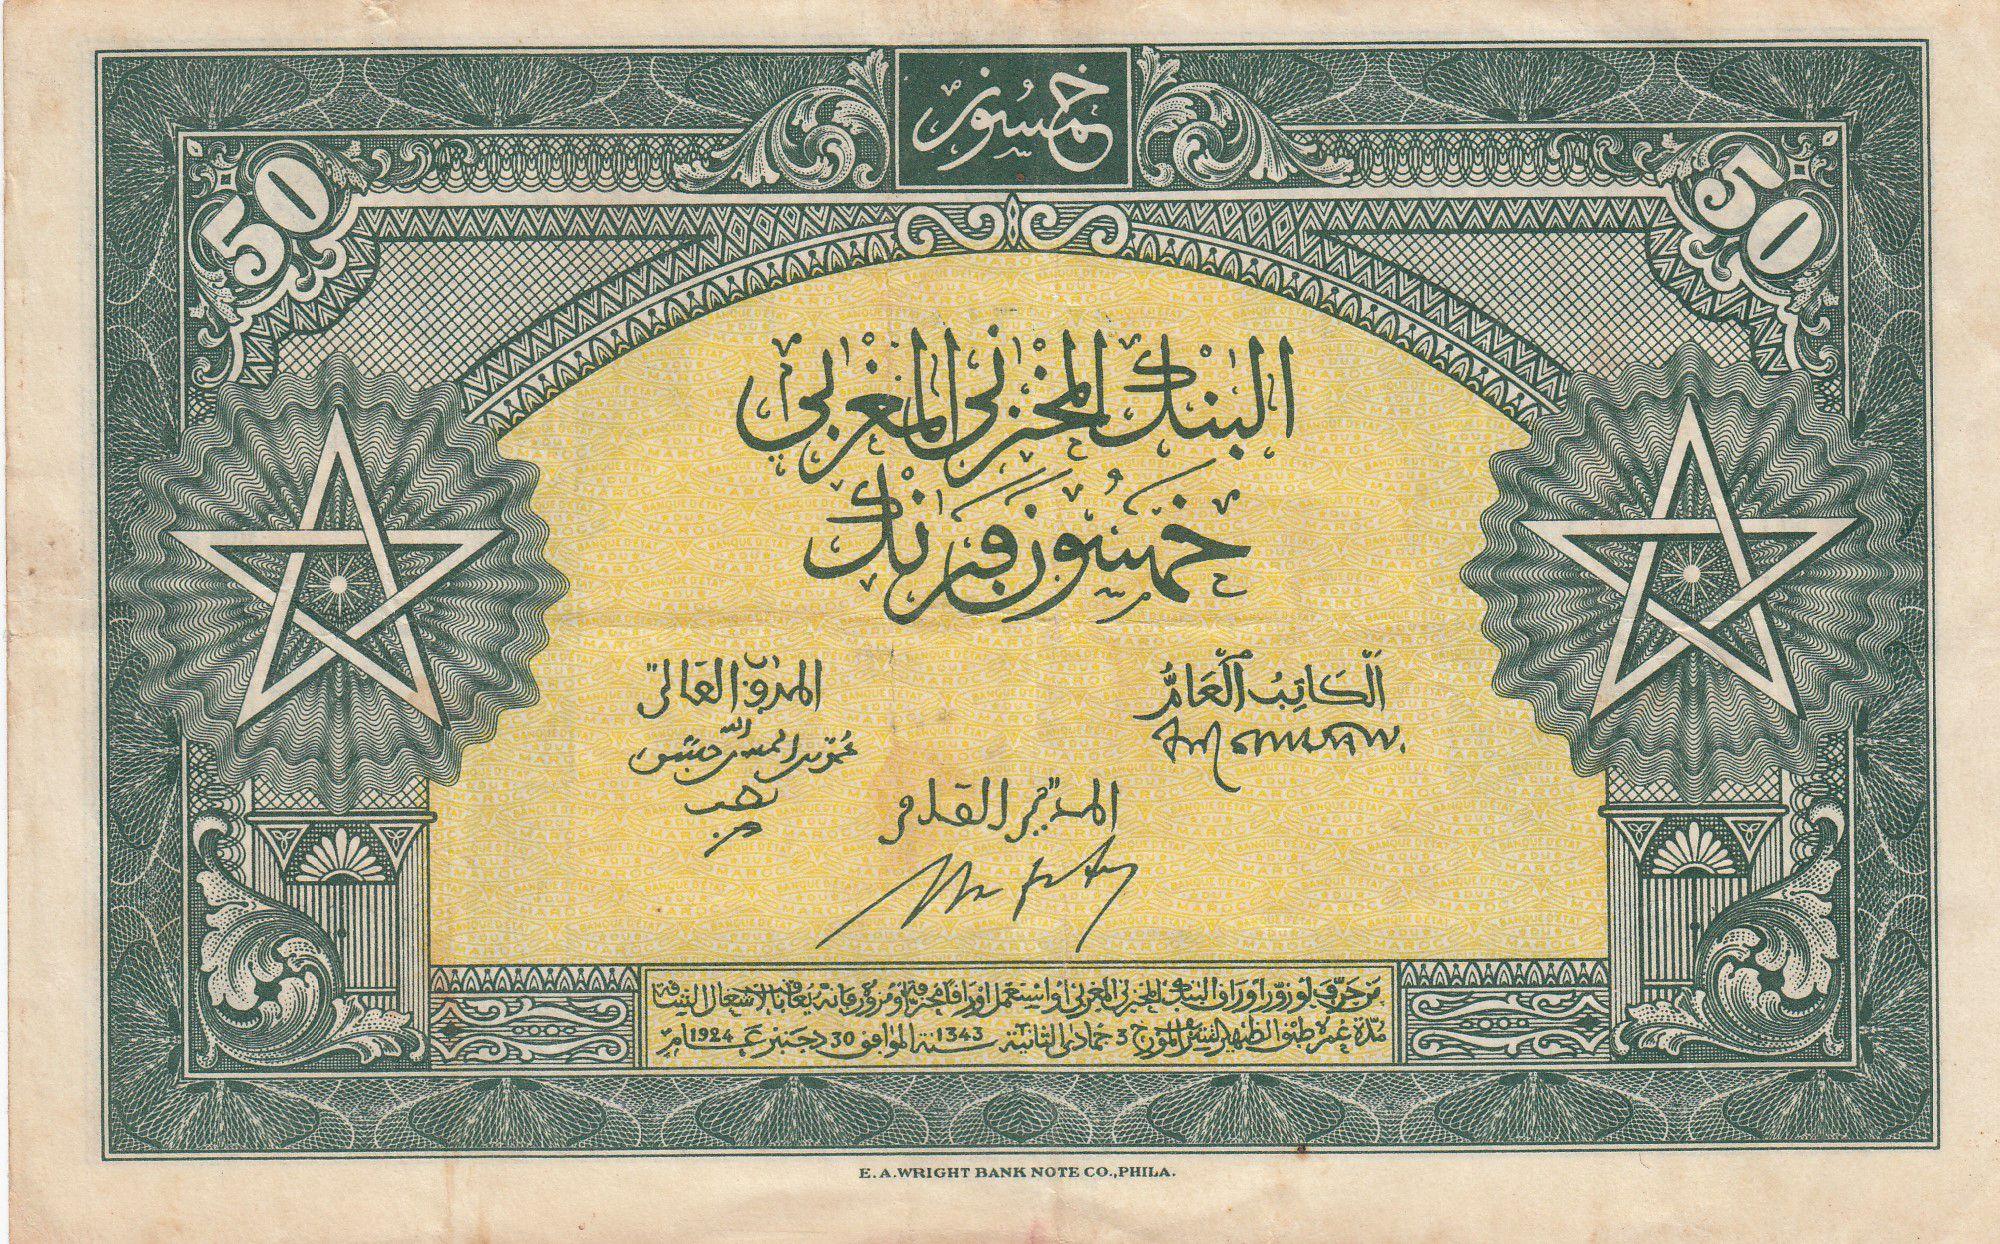 Maroc 50 Francs - 01-08-1943 - TTB - Série Y182 - P.26a